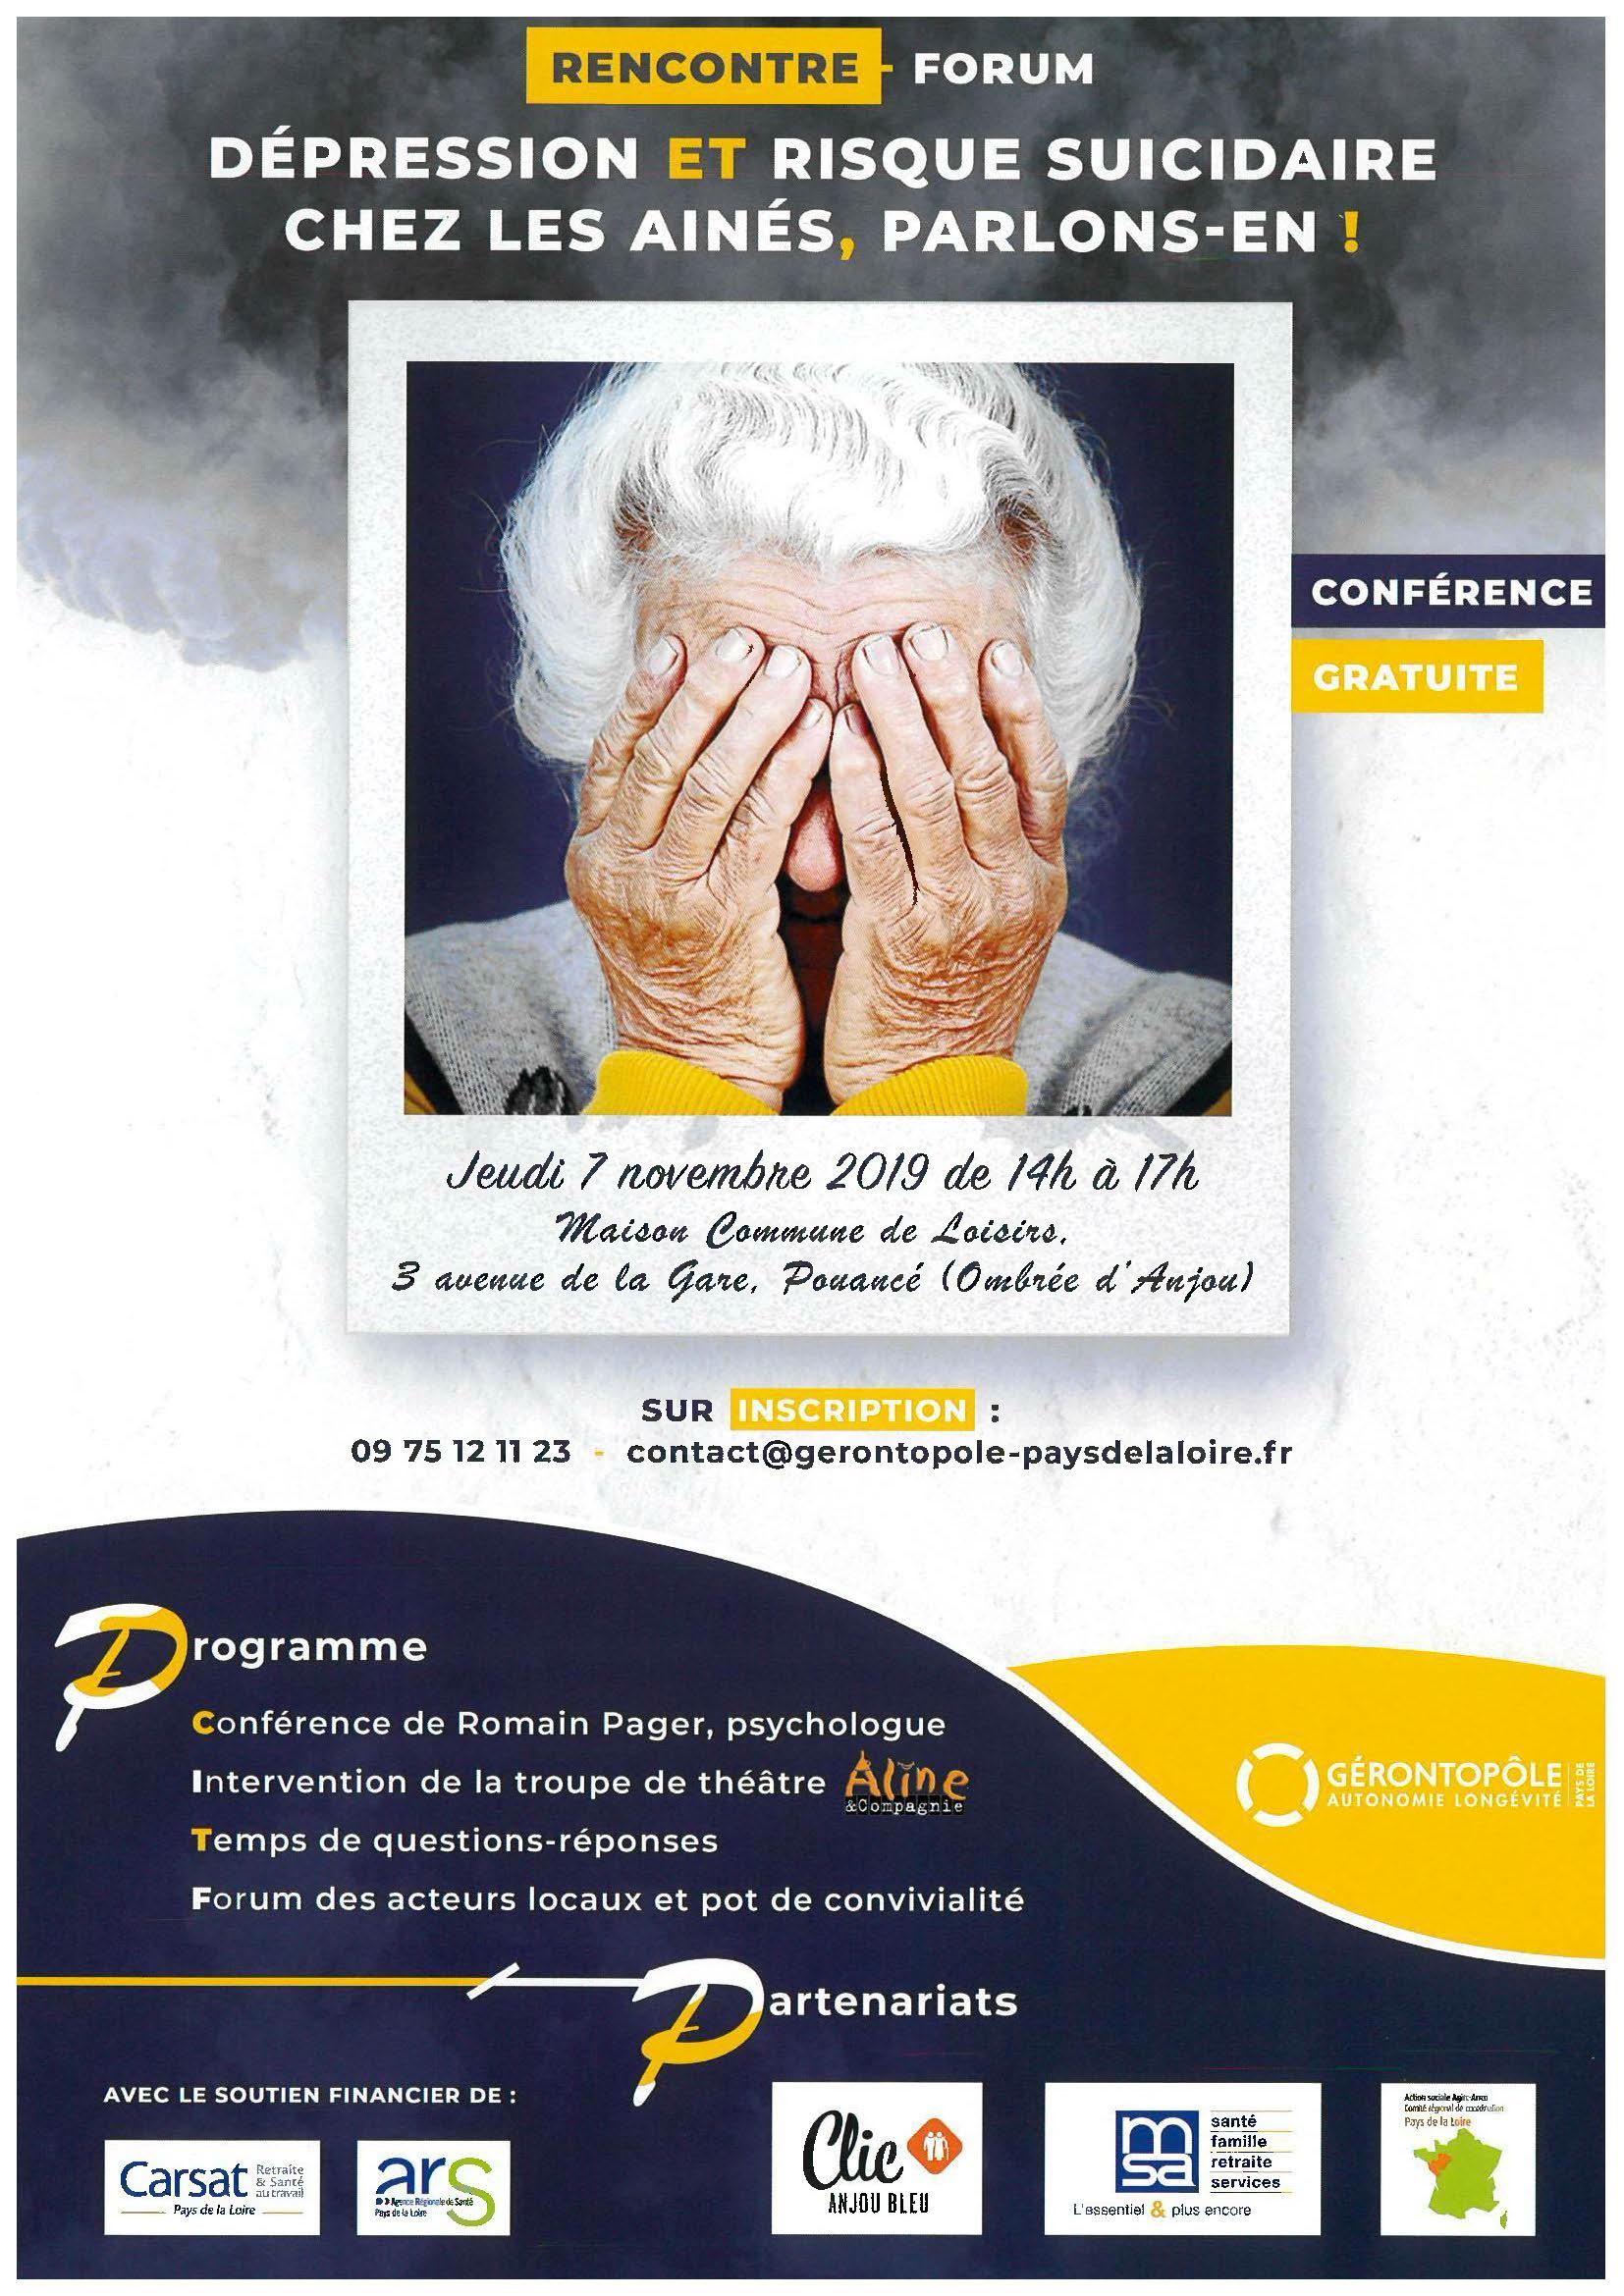 rencontres pour les aînés au Royaume-Uni